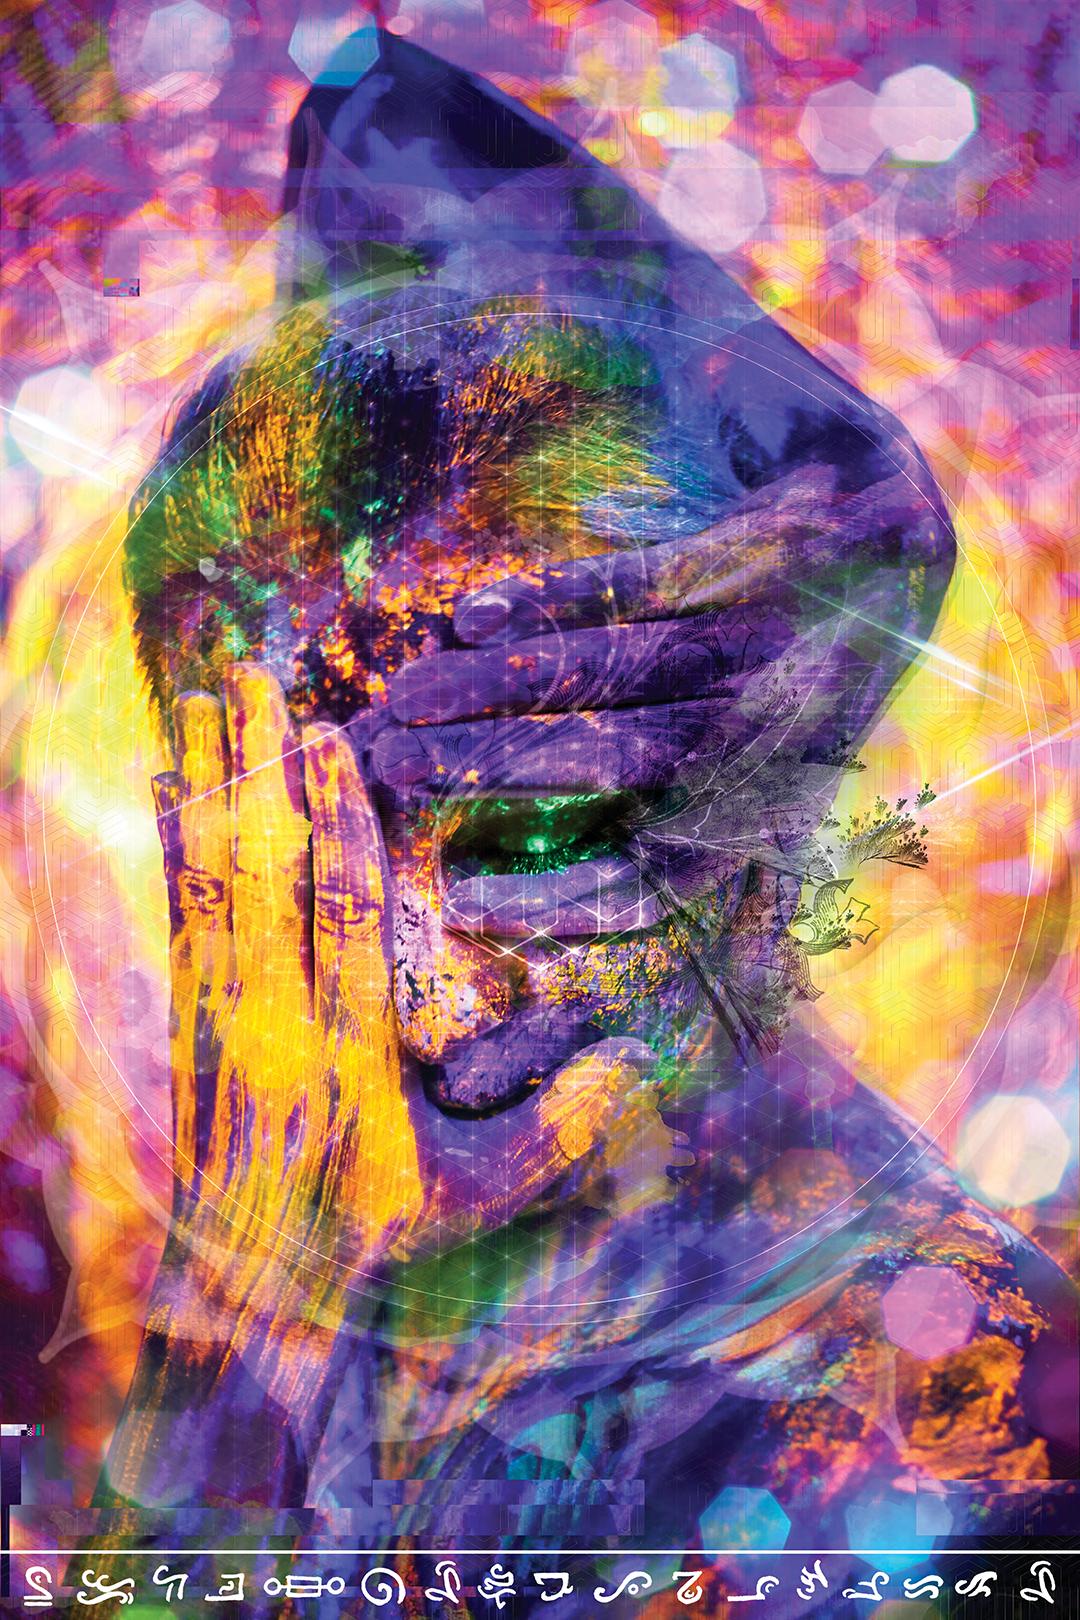 Astral Goddess 3